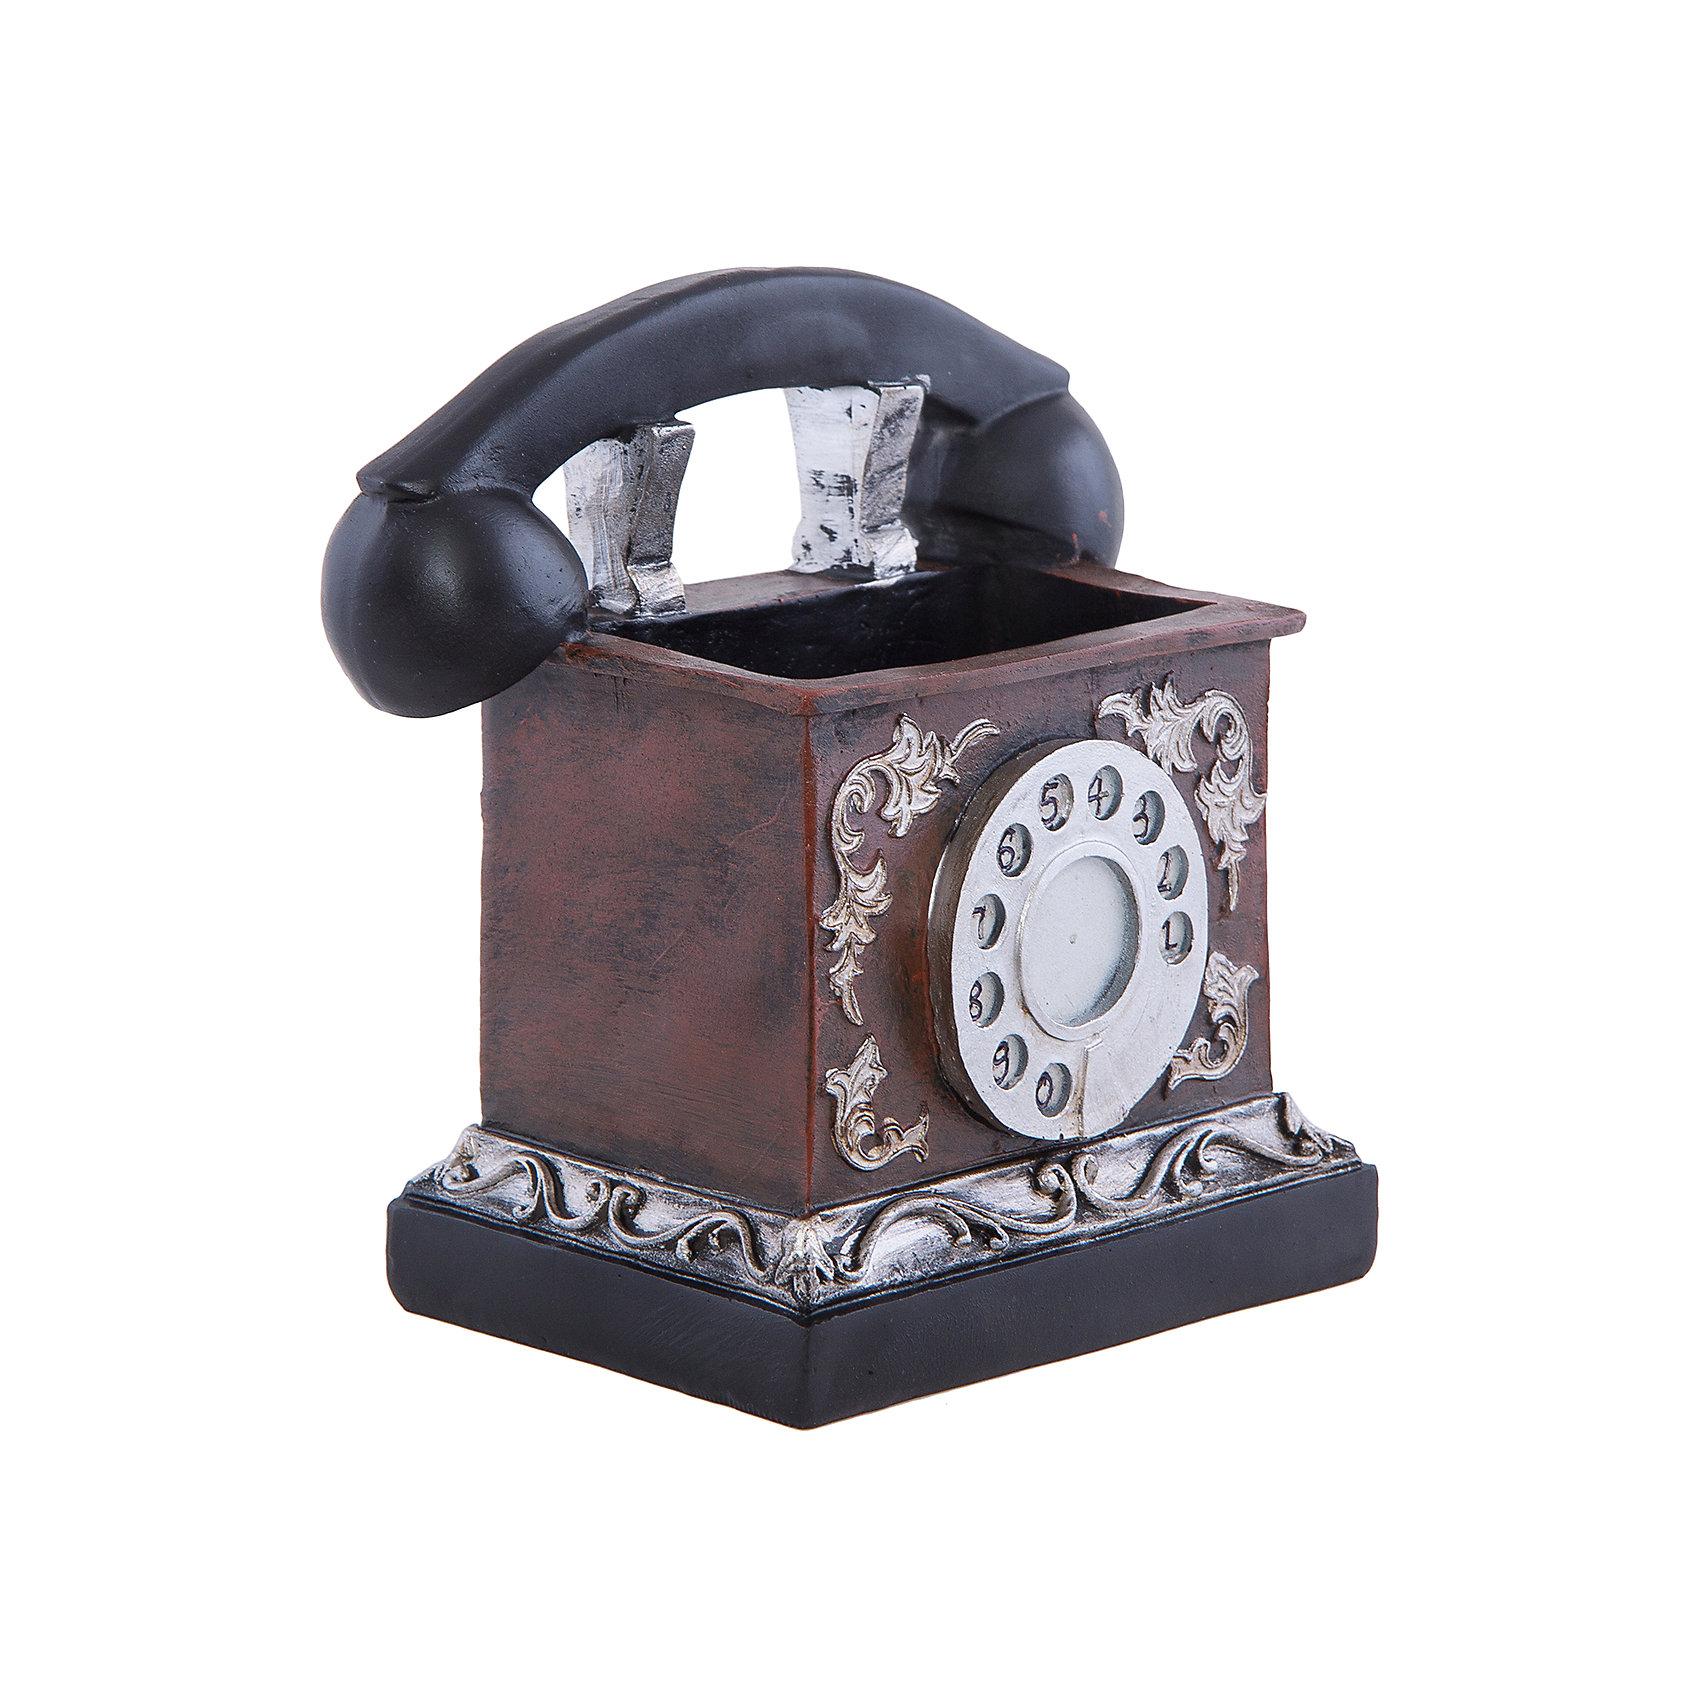 Феникс-Презент Подставка для канц.принадлежностей РЕТРО ТЕЛЕФОН, Феникс-Презент телефон в интернет магазине в астрахане